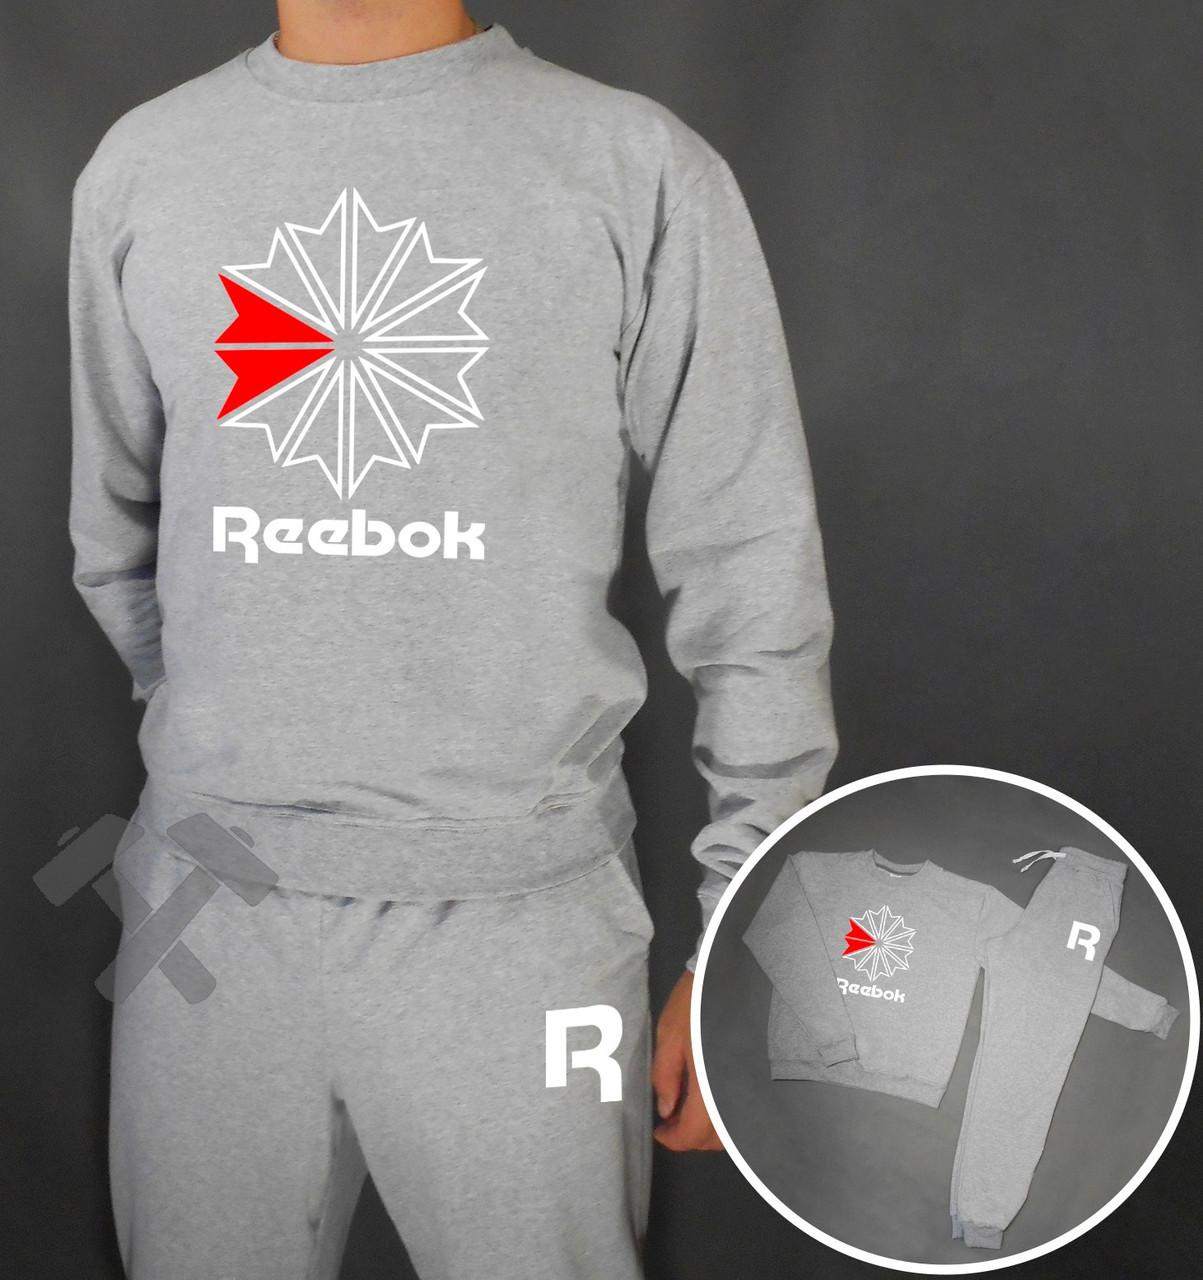 Спортивный костюм Reebok серого цвета с бело-красным логотипом на груди